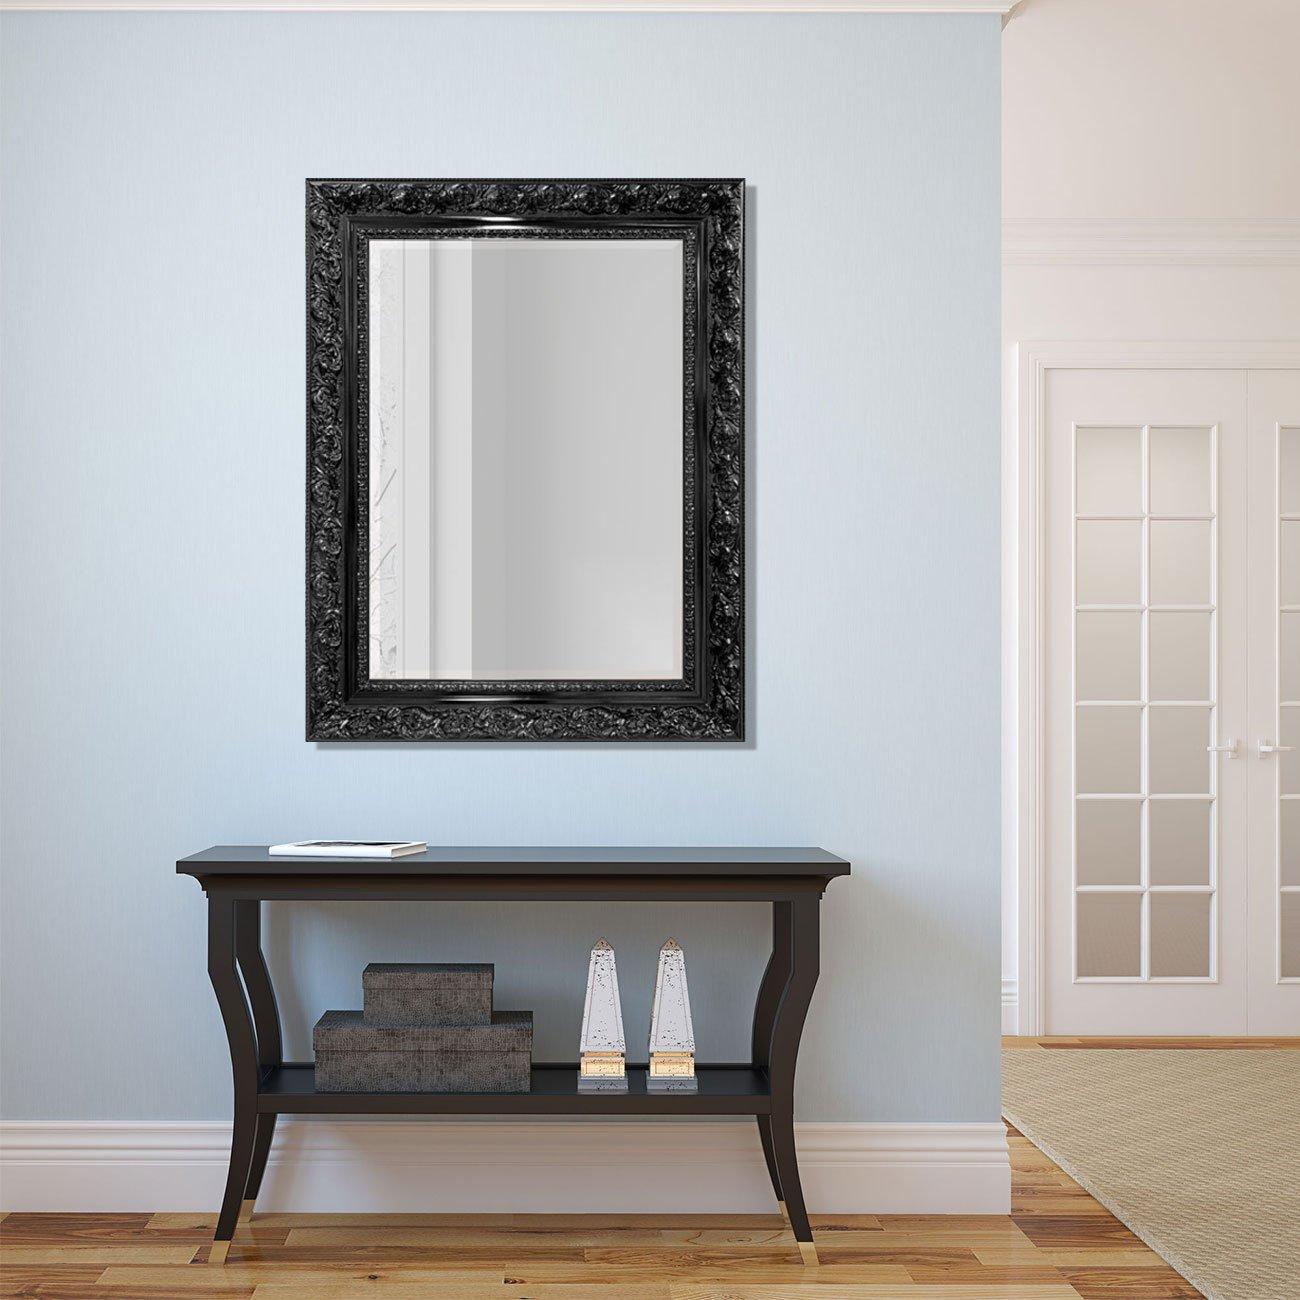 Espelho Cristal Decorativo Preto Moldura Retrô Plus